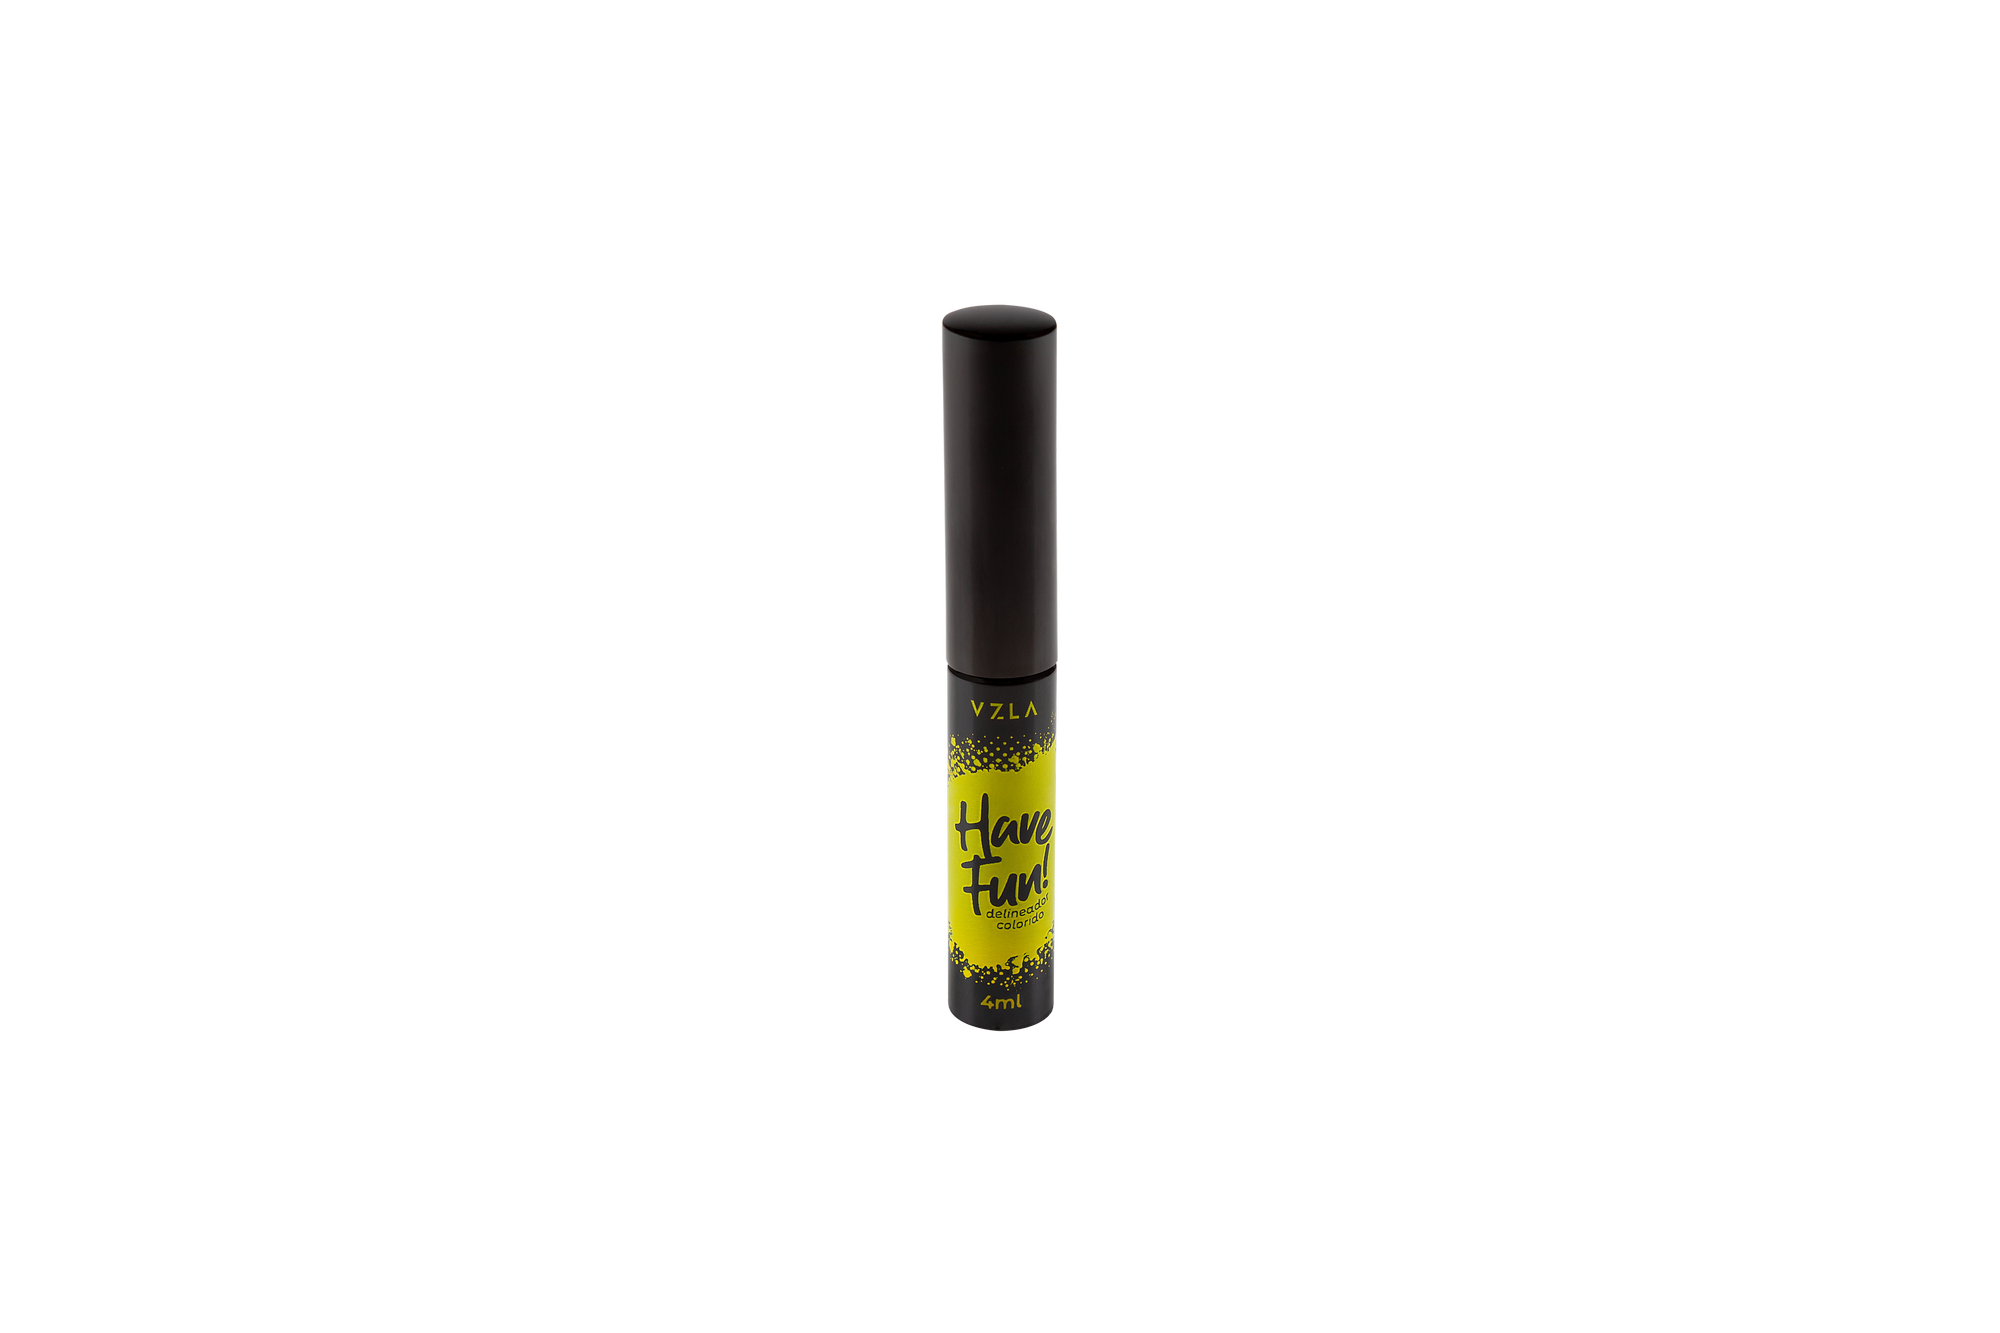 Vizzela Delineador Have Fun Cor Amarelo Oftalmologicamente Testado 4ml